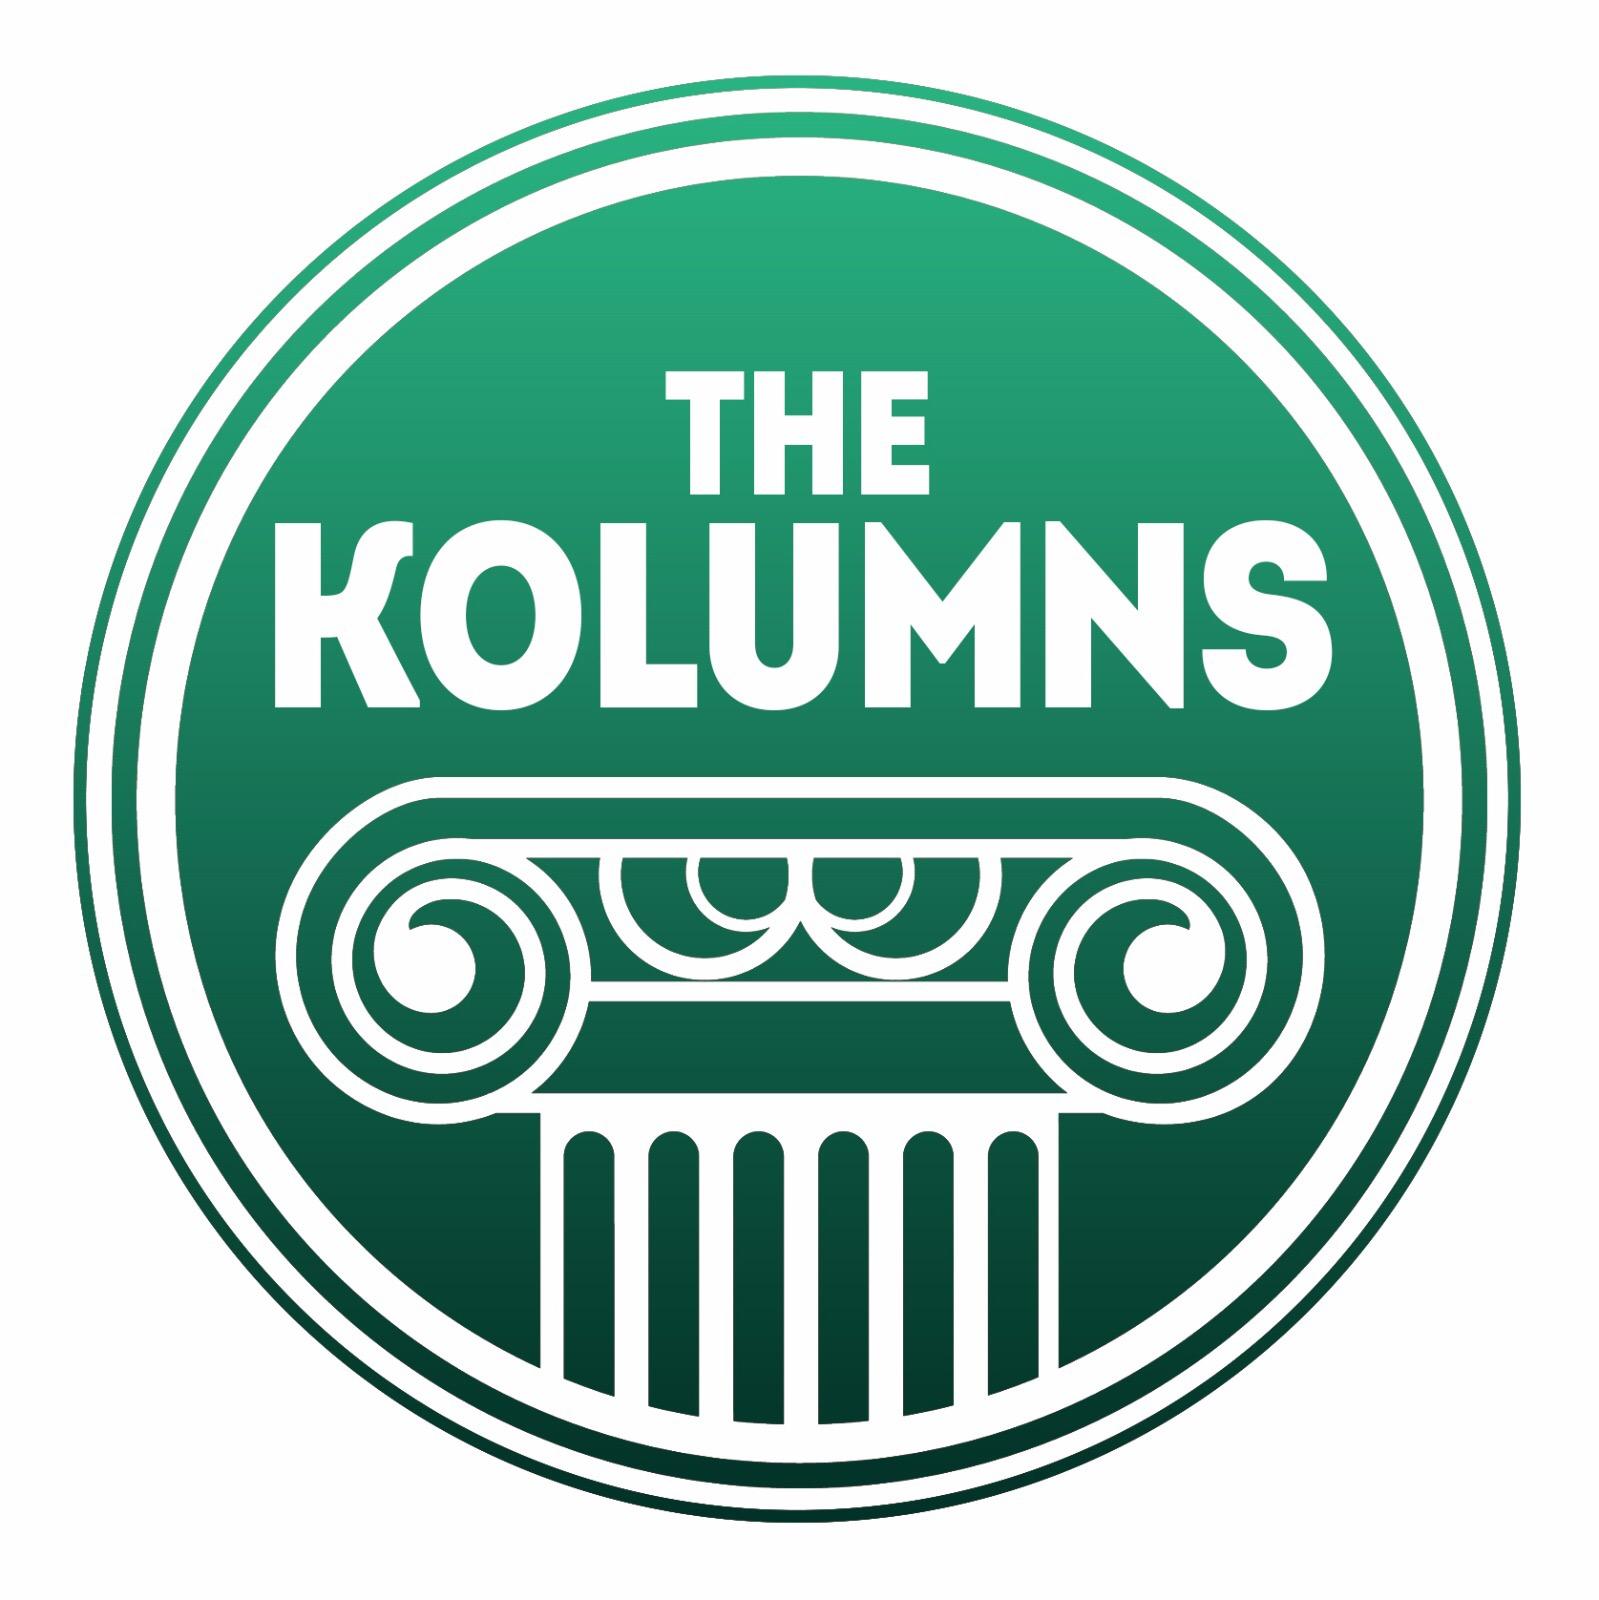 Kolumns